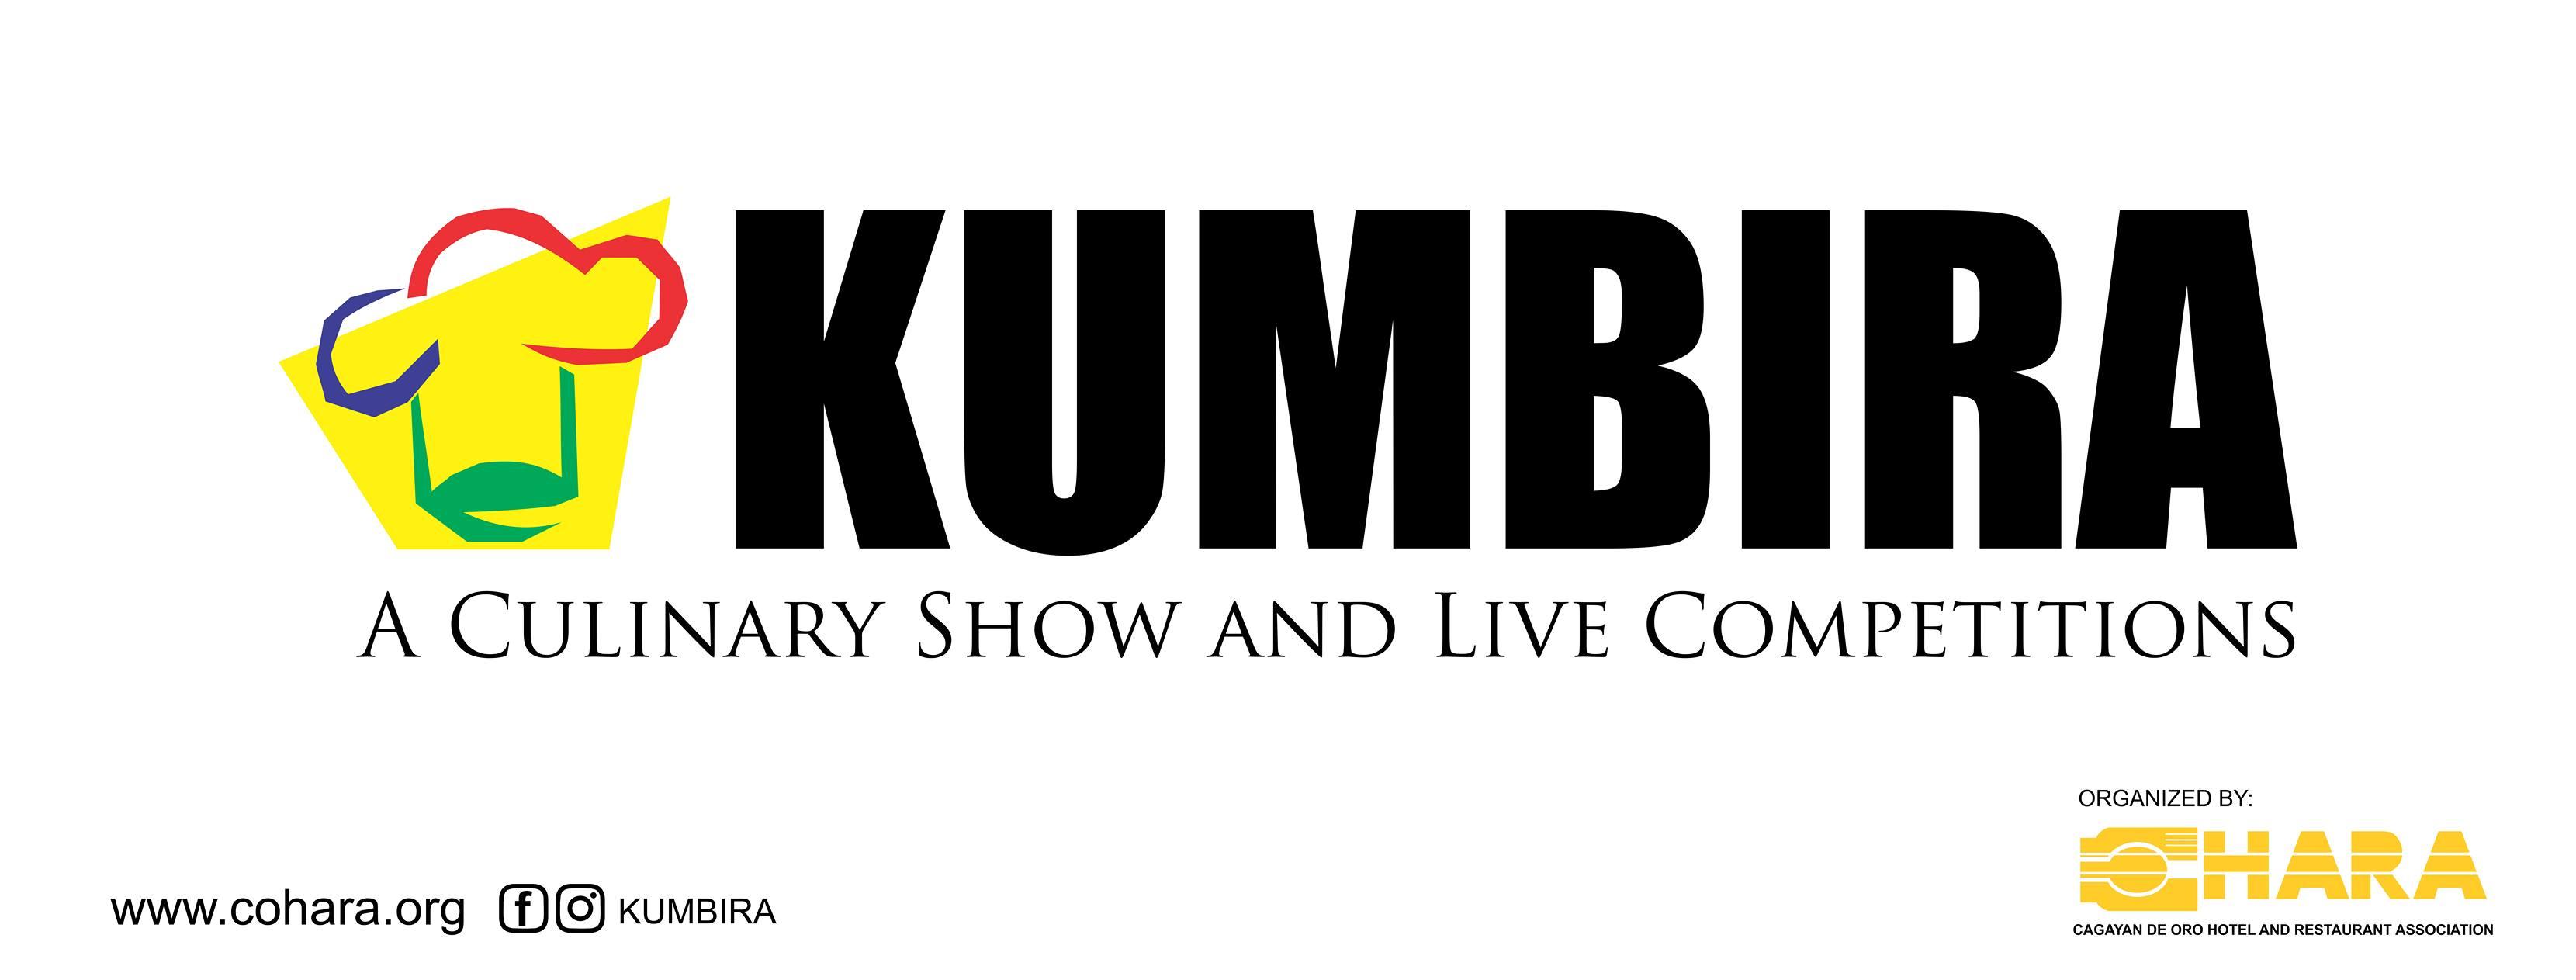 Kumbira 2017, Cagayan de oro Kumbira, cooking show kumbira, cooking show Cagayan de oro, 2017 Ms Cagayan de Oro, 2017 cagayan de oro fiesta, cagayan de oro fiesta schedule